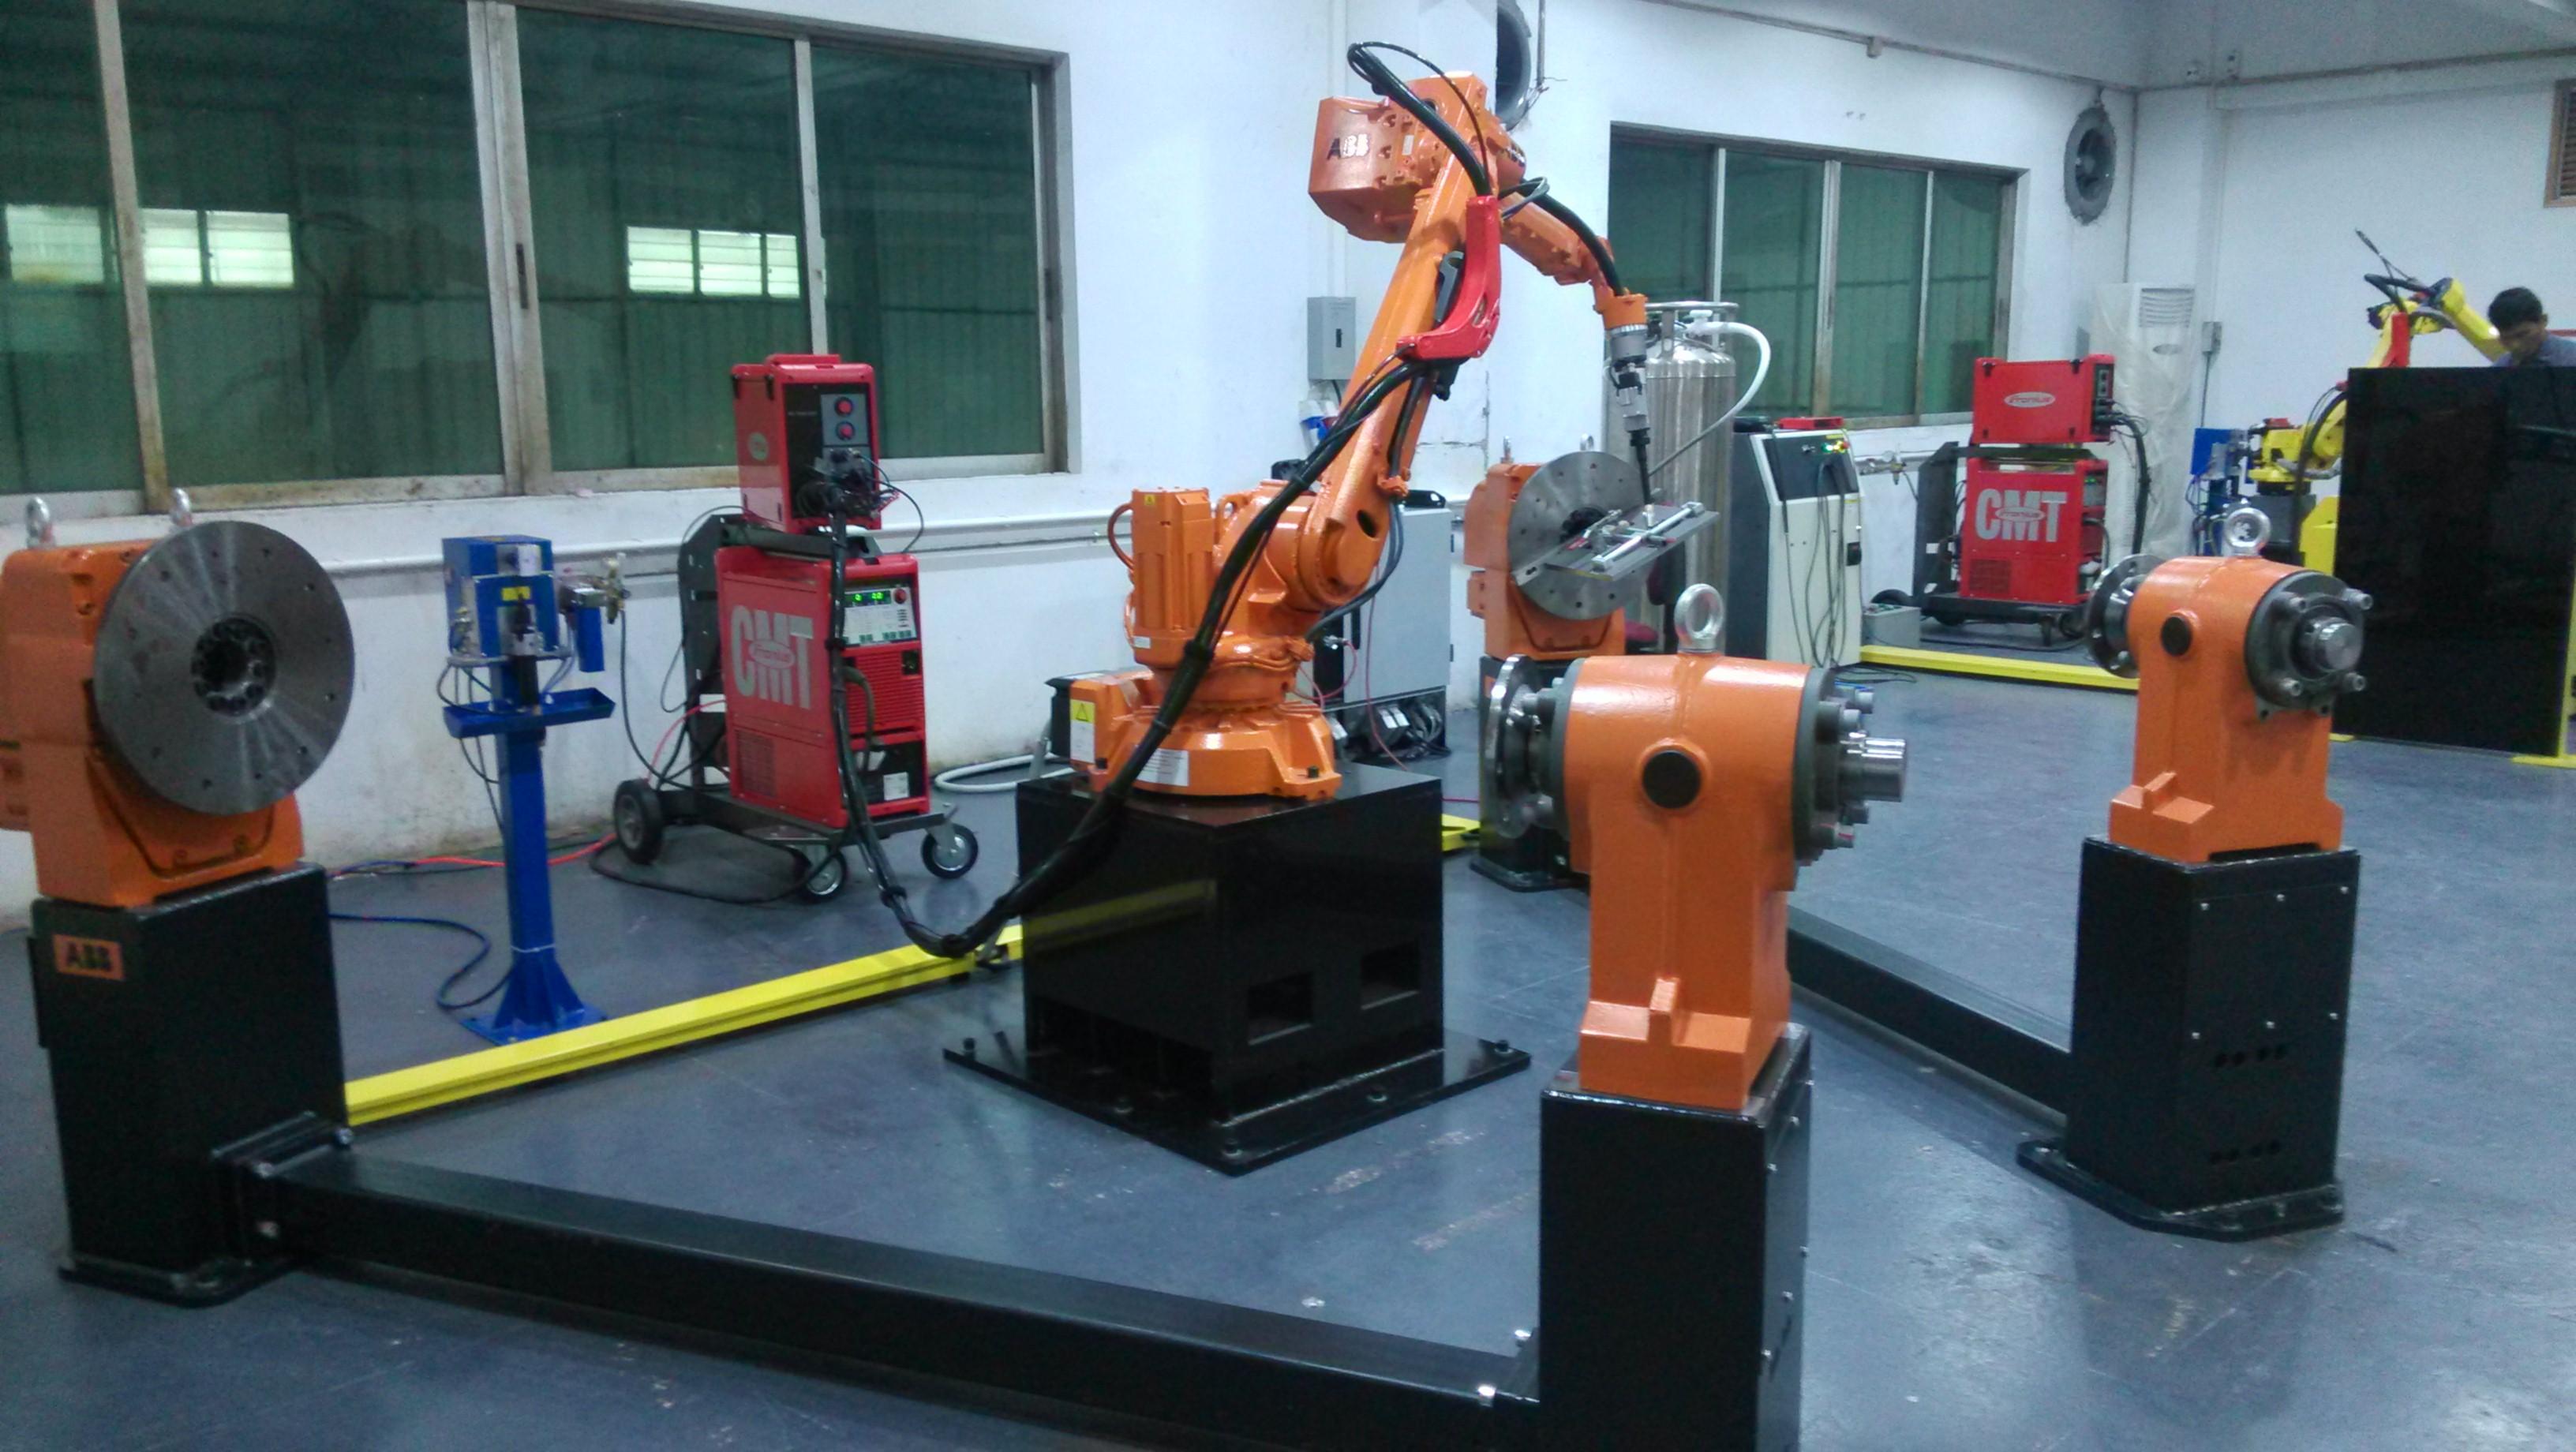 机器人通用焊接工装夹具|机器人三维焊接工装夹具|机器人柔性焊接平台